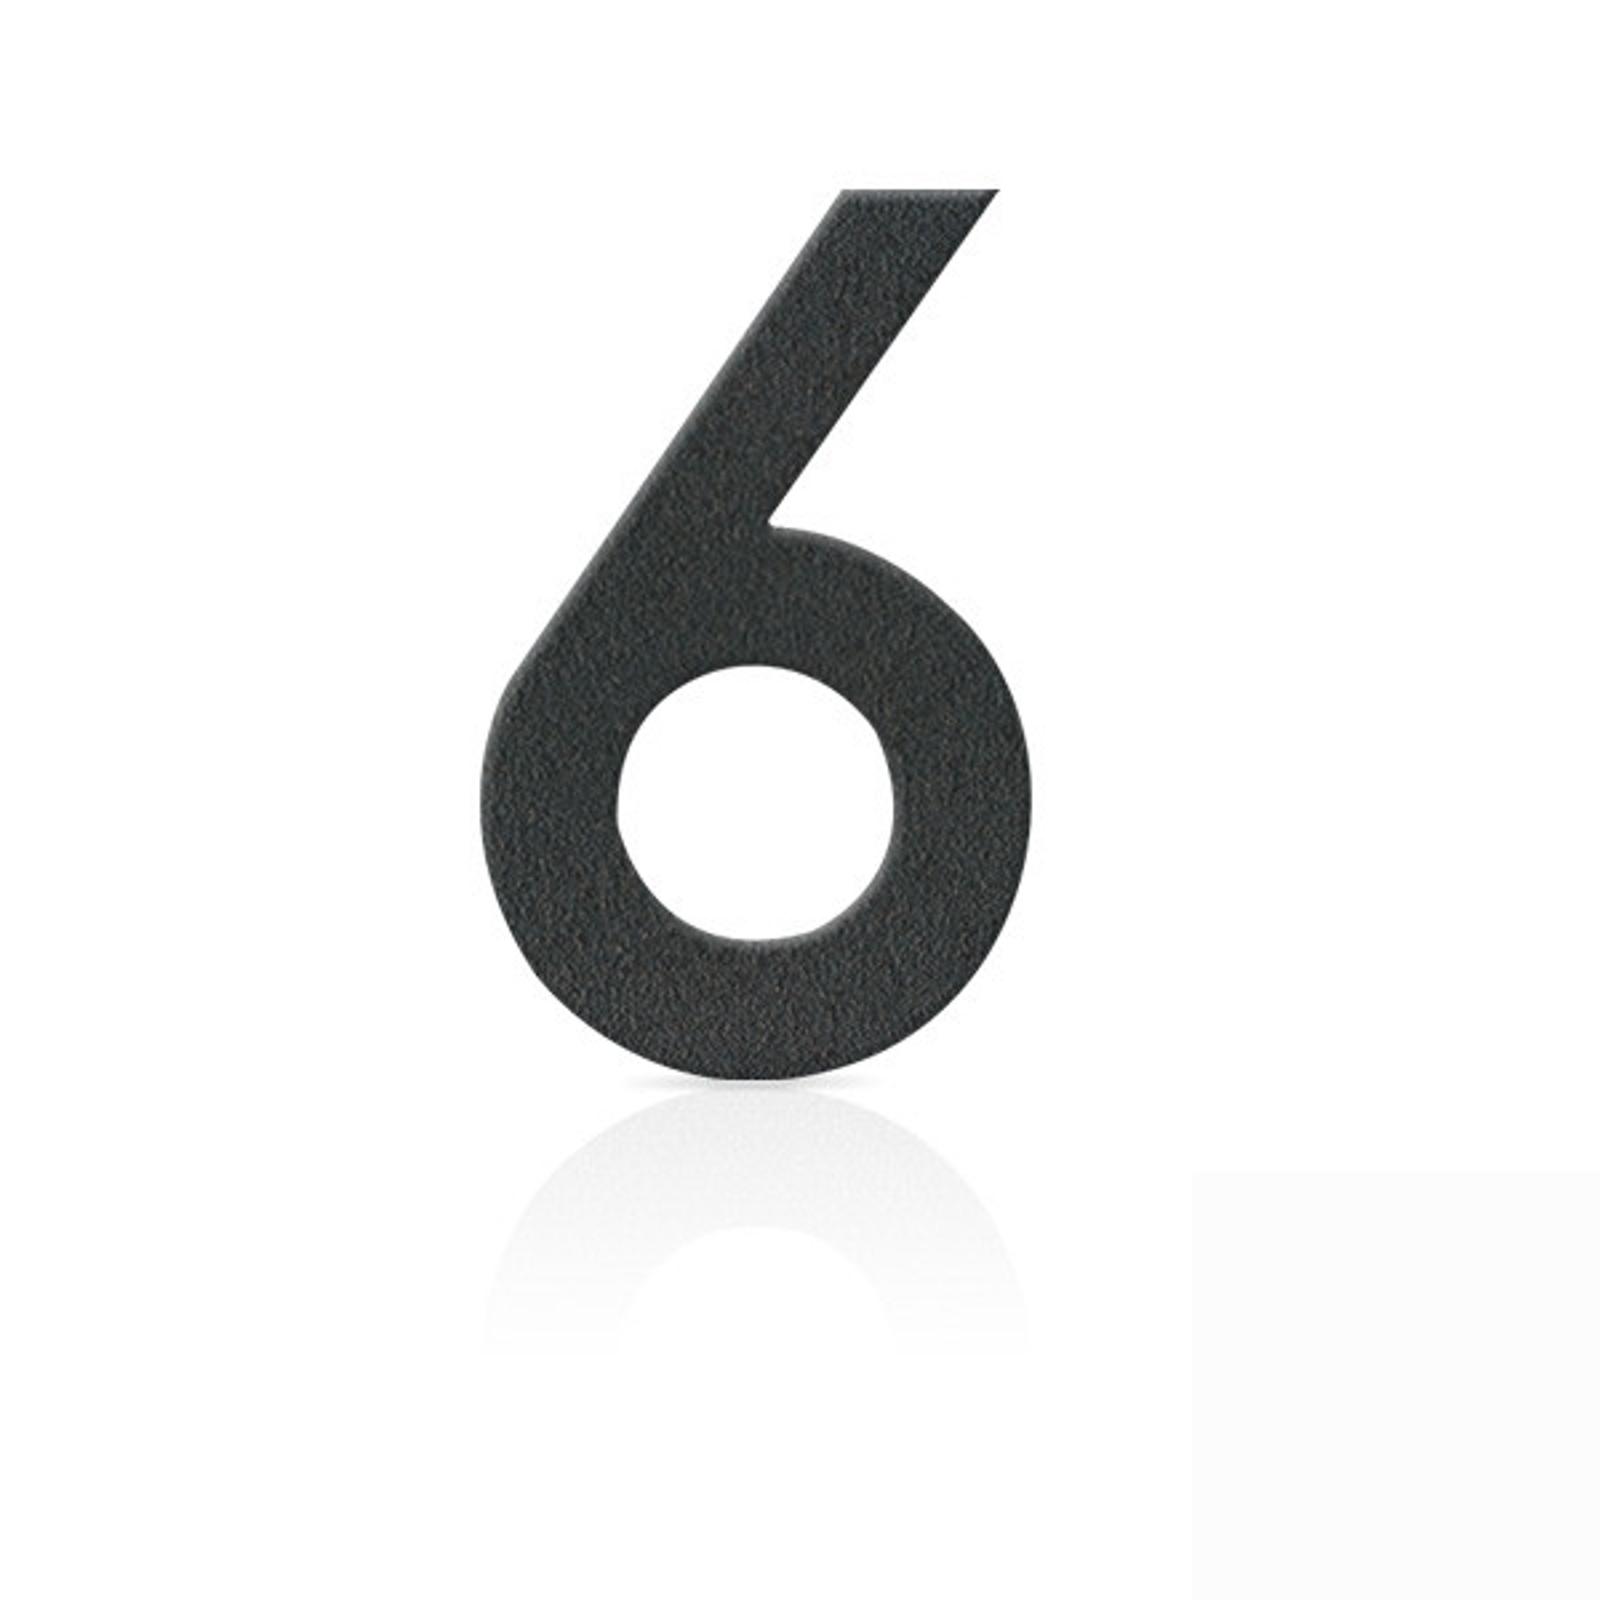 Produktové foto Heibi Nerezová domovní čísla číslice 6, grafit šedý